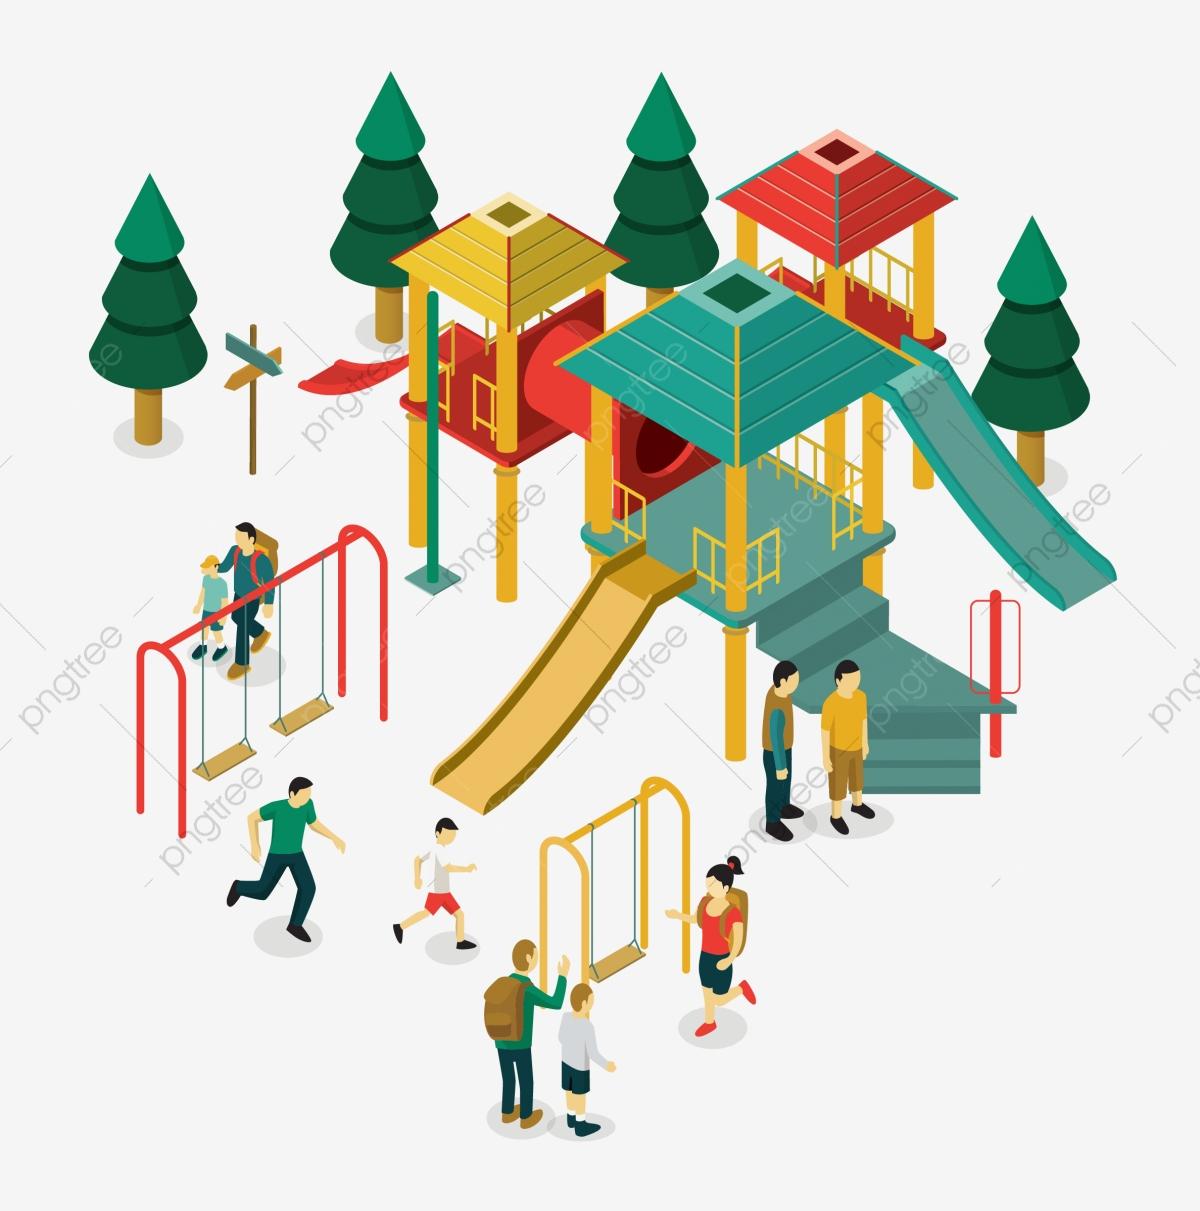 Jardin Denfants Terrain De Jeu Dessin Animé Aire De Jeux De dedans Jeux Enfant Dessin